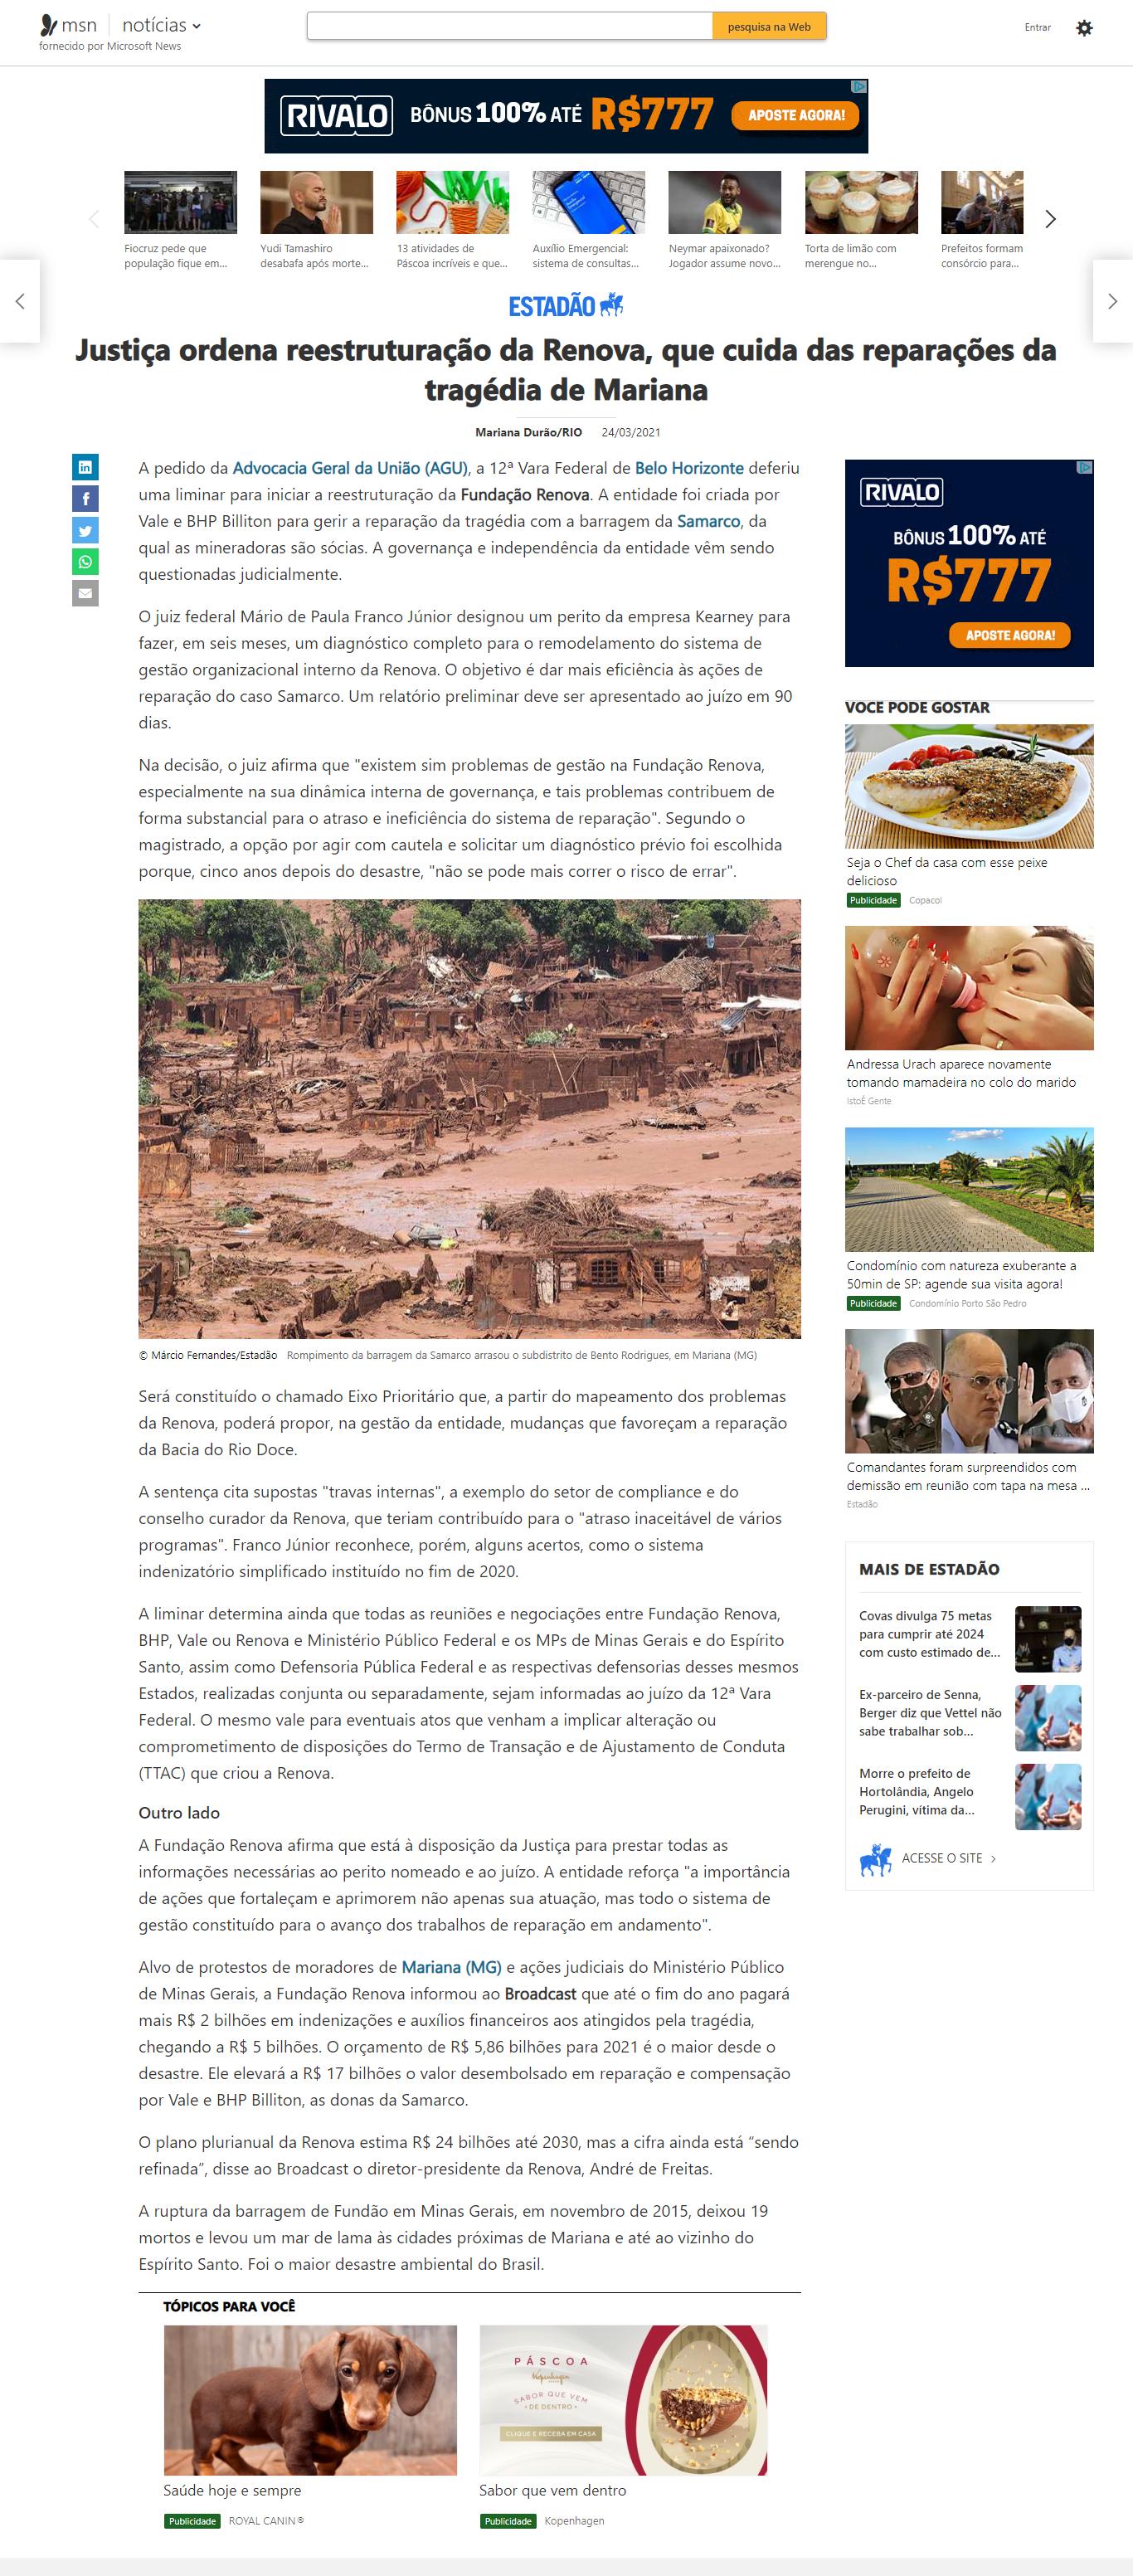 Justiça ordena reestruturação da Renova, que cuida das reparações da tragédia de Mariana - MSN Brasil